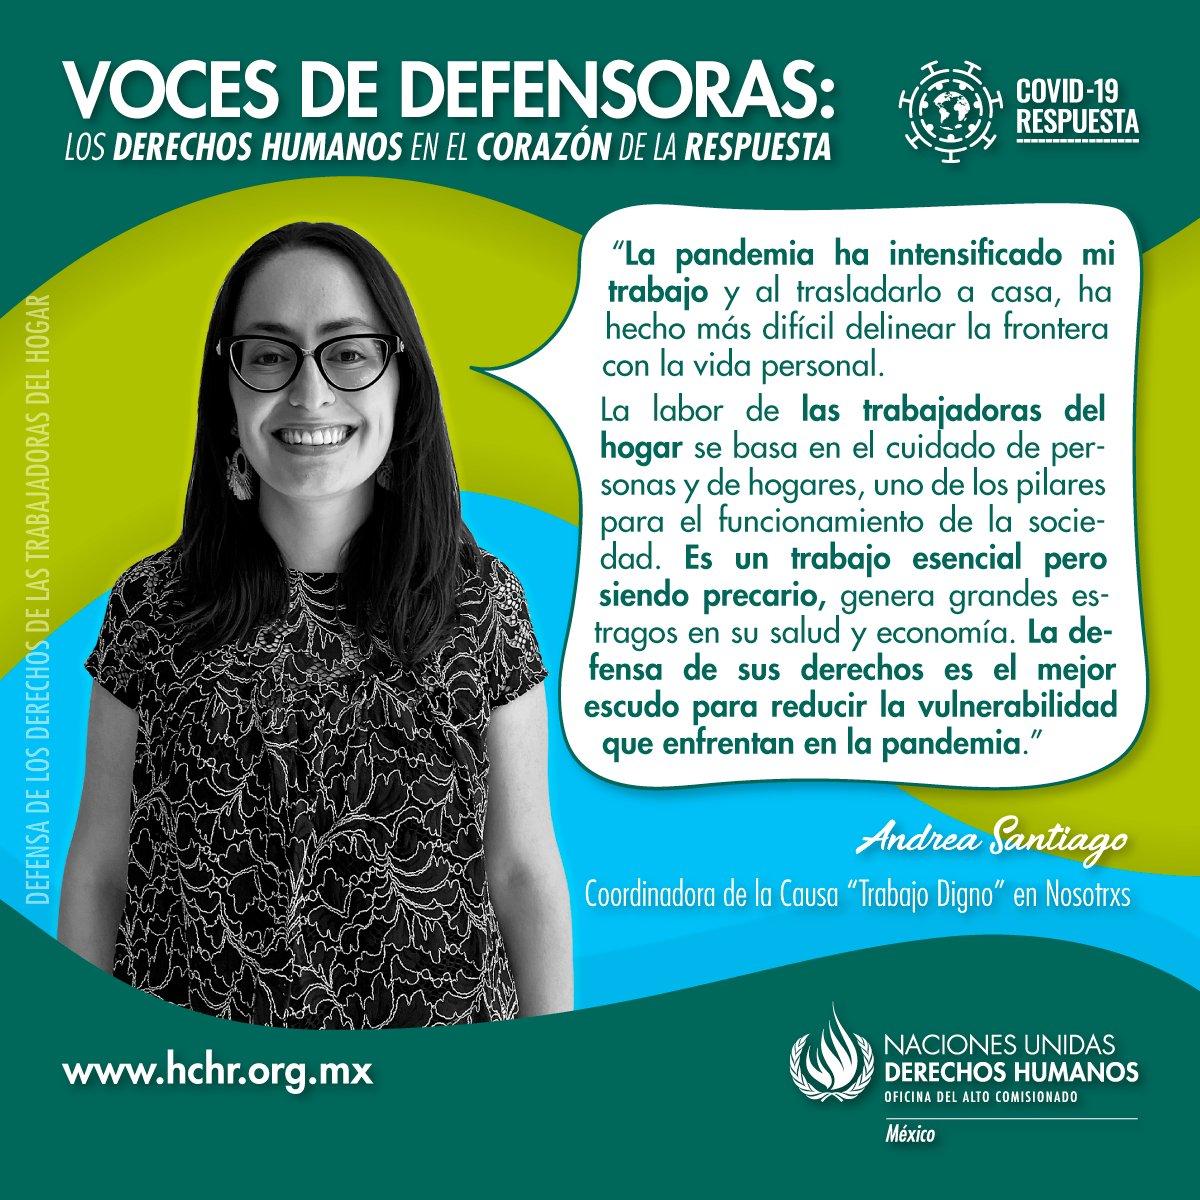 """Andrea Santiago es coordinadora de la causa """"Trabajo Digno"""" en @NosotrxsMX, ella hace escuchar su voz en pro de los derechos de las trabajadoras del hogar, cuya labor en esta pandemia ha sido esencial pero invisibilizada.   #VocesDeDefensoras #ONUMxCovid19 https://t.co/9AmTjyNecy"""